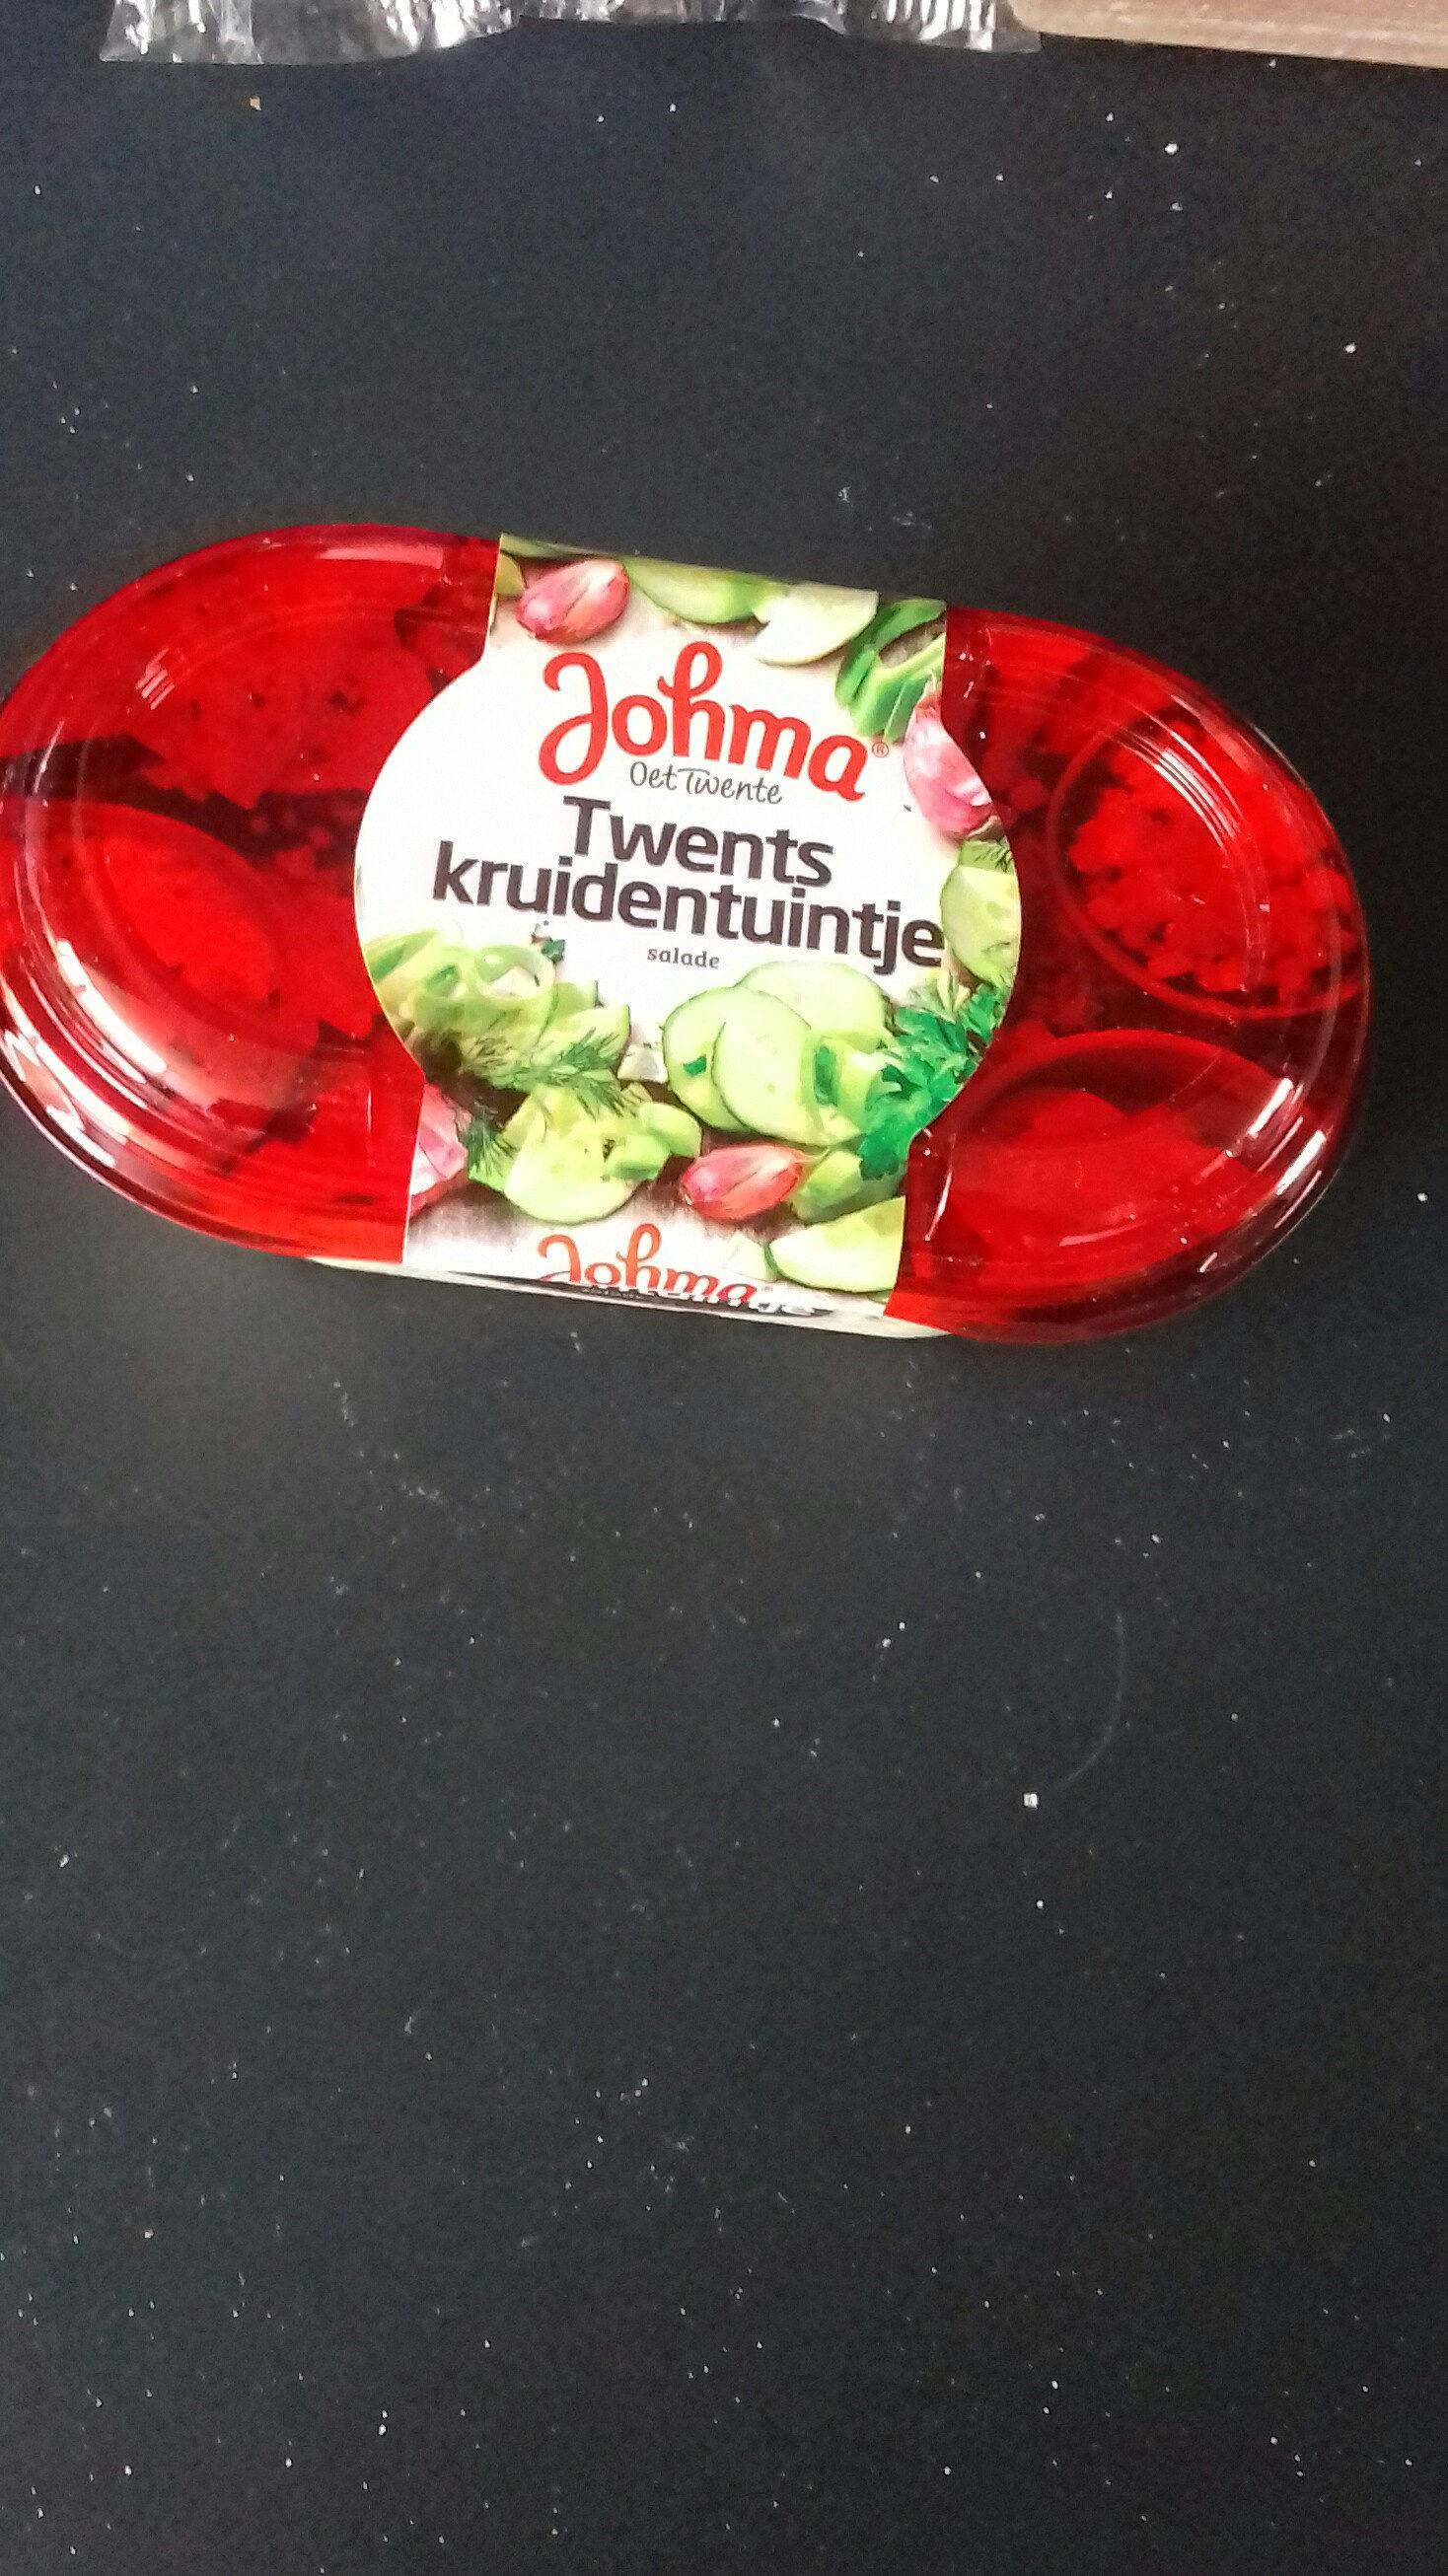 kommersalade  met prei en tuinkruiden - Product - nl